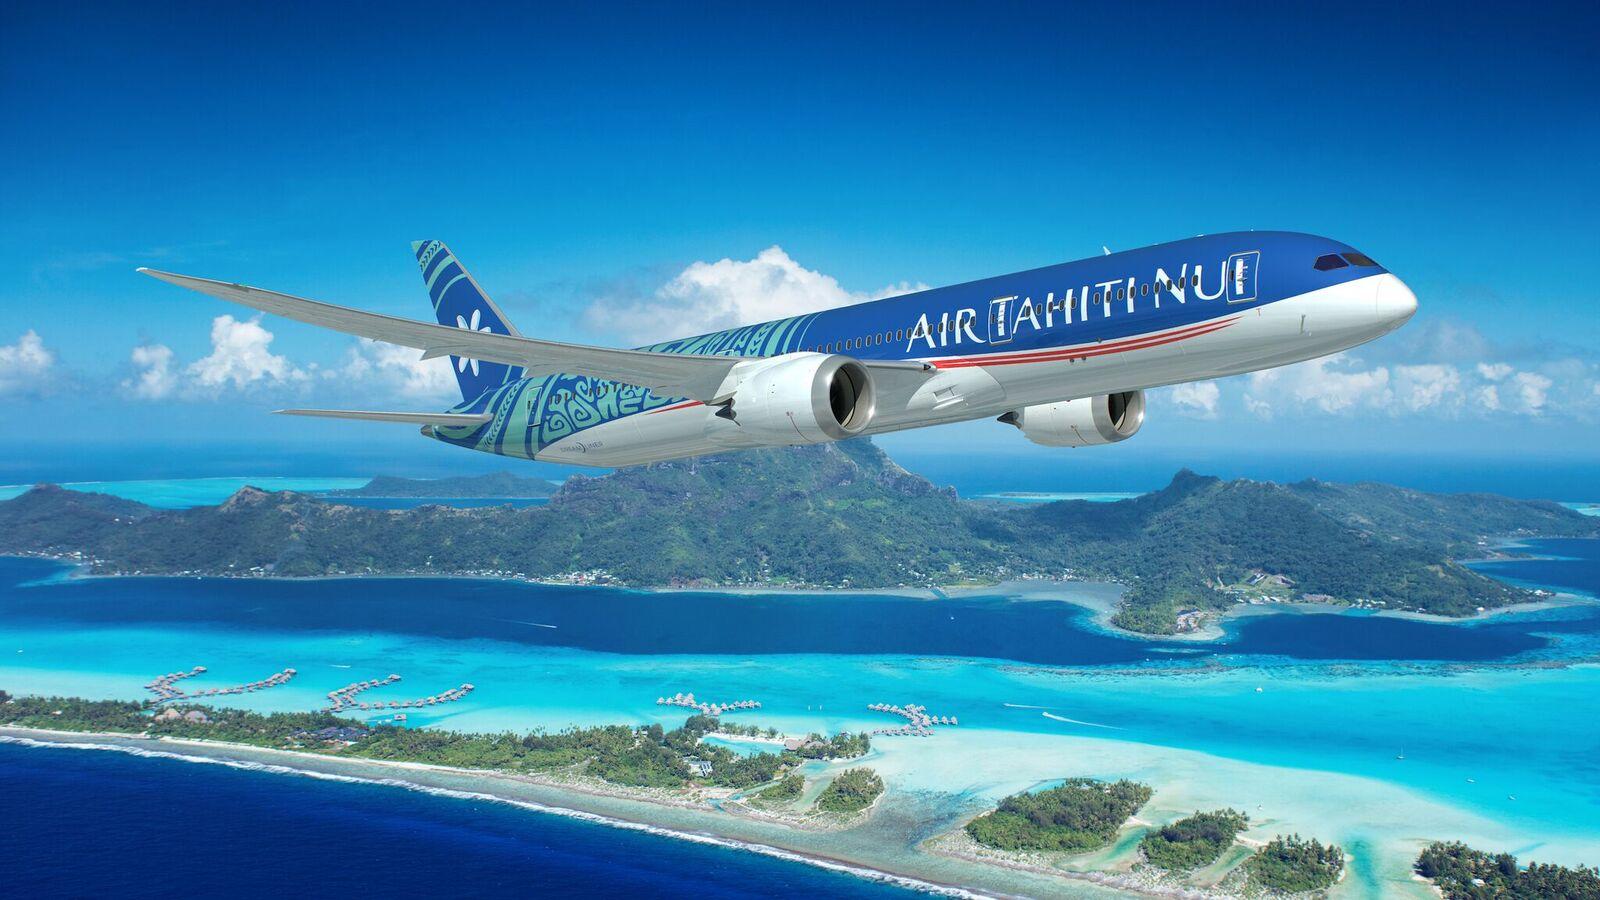 Livery Air tahiti Nui 787